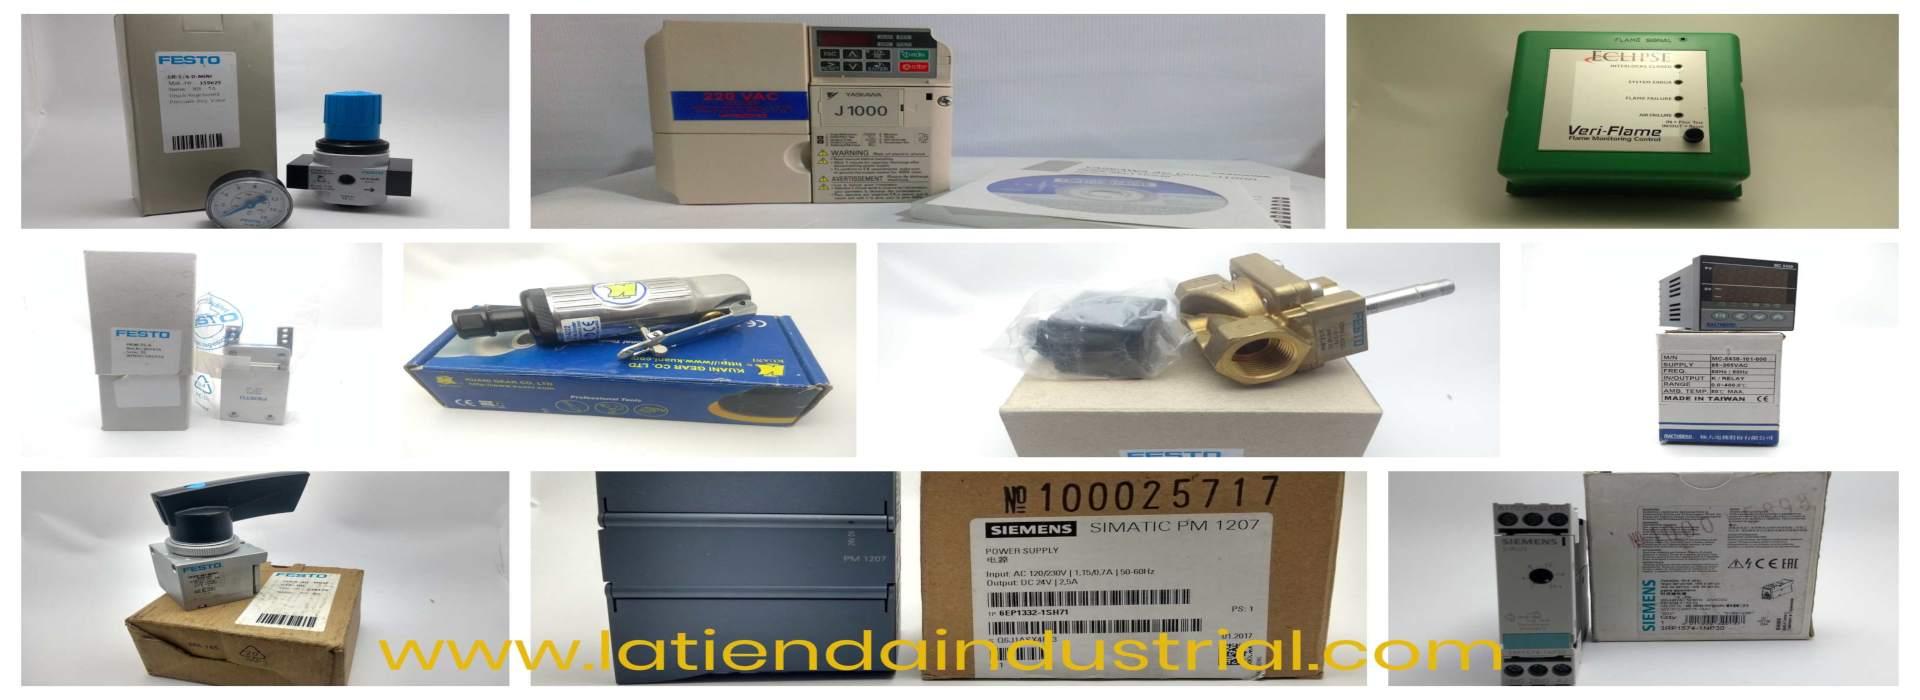 collage de productos